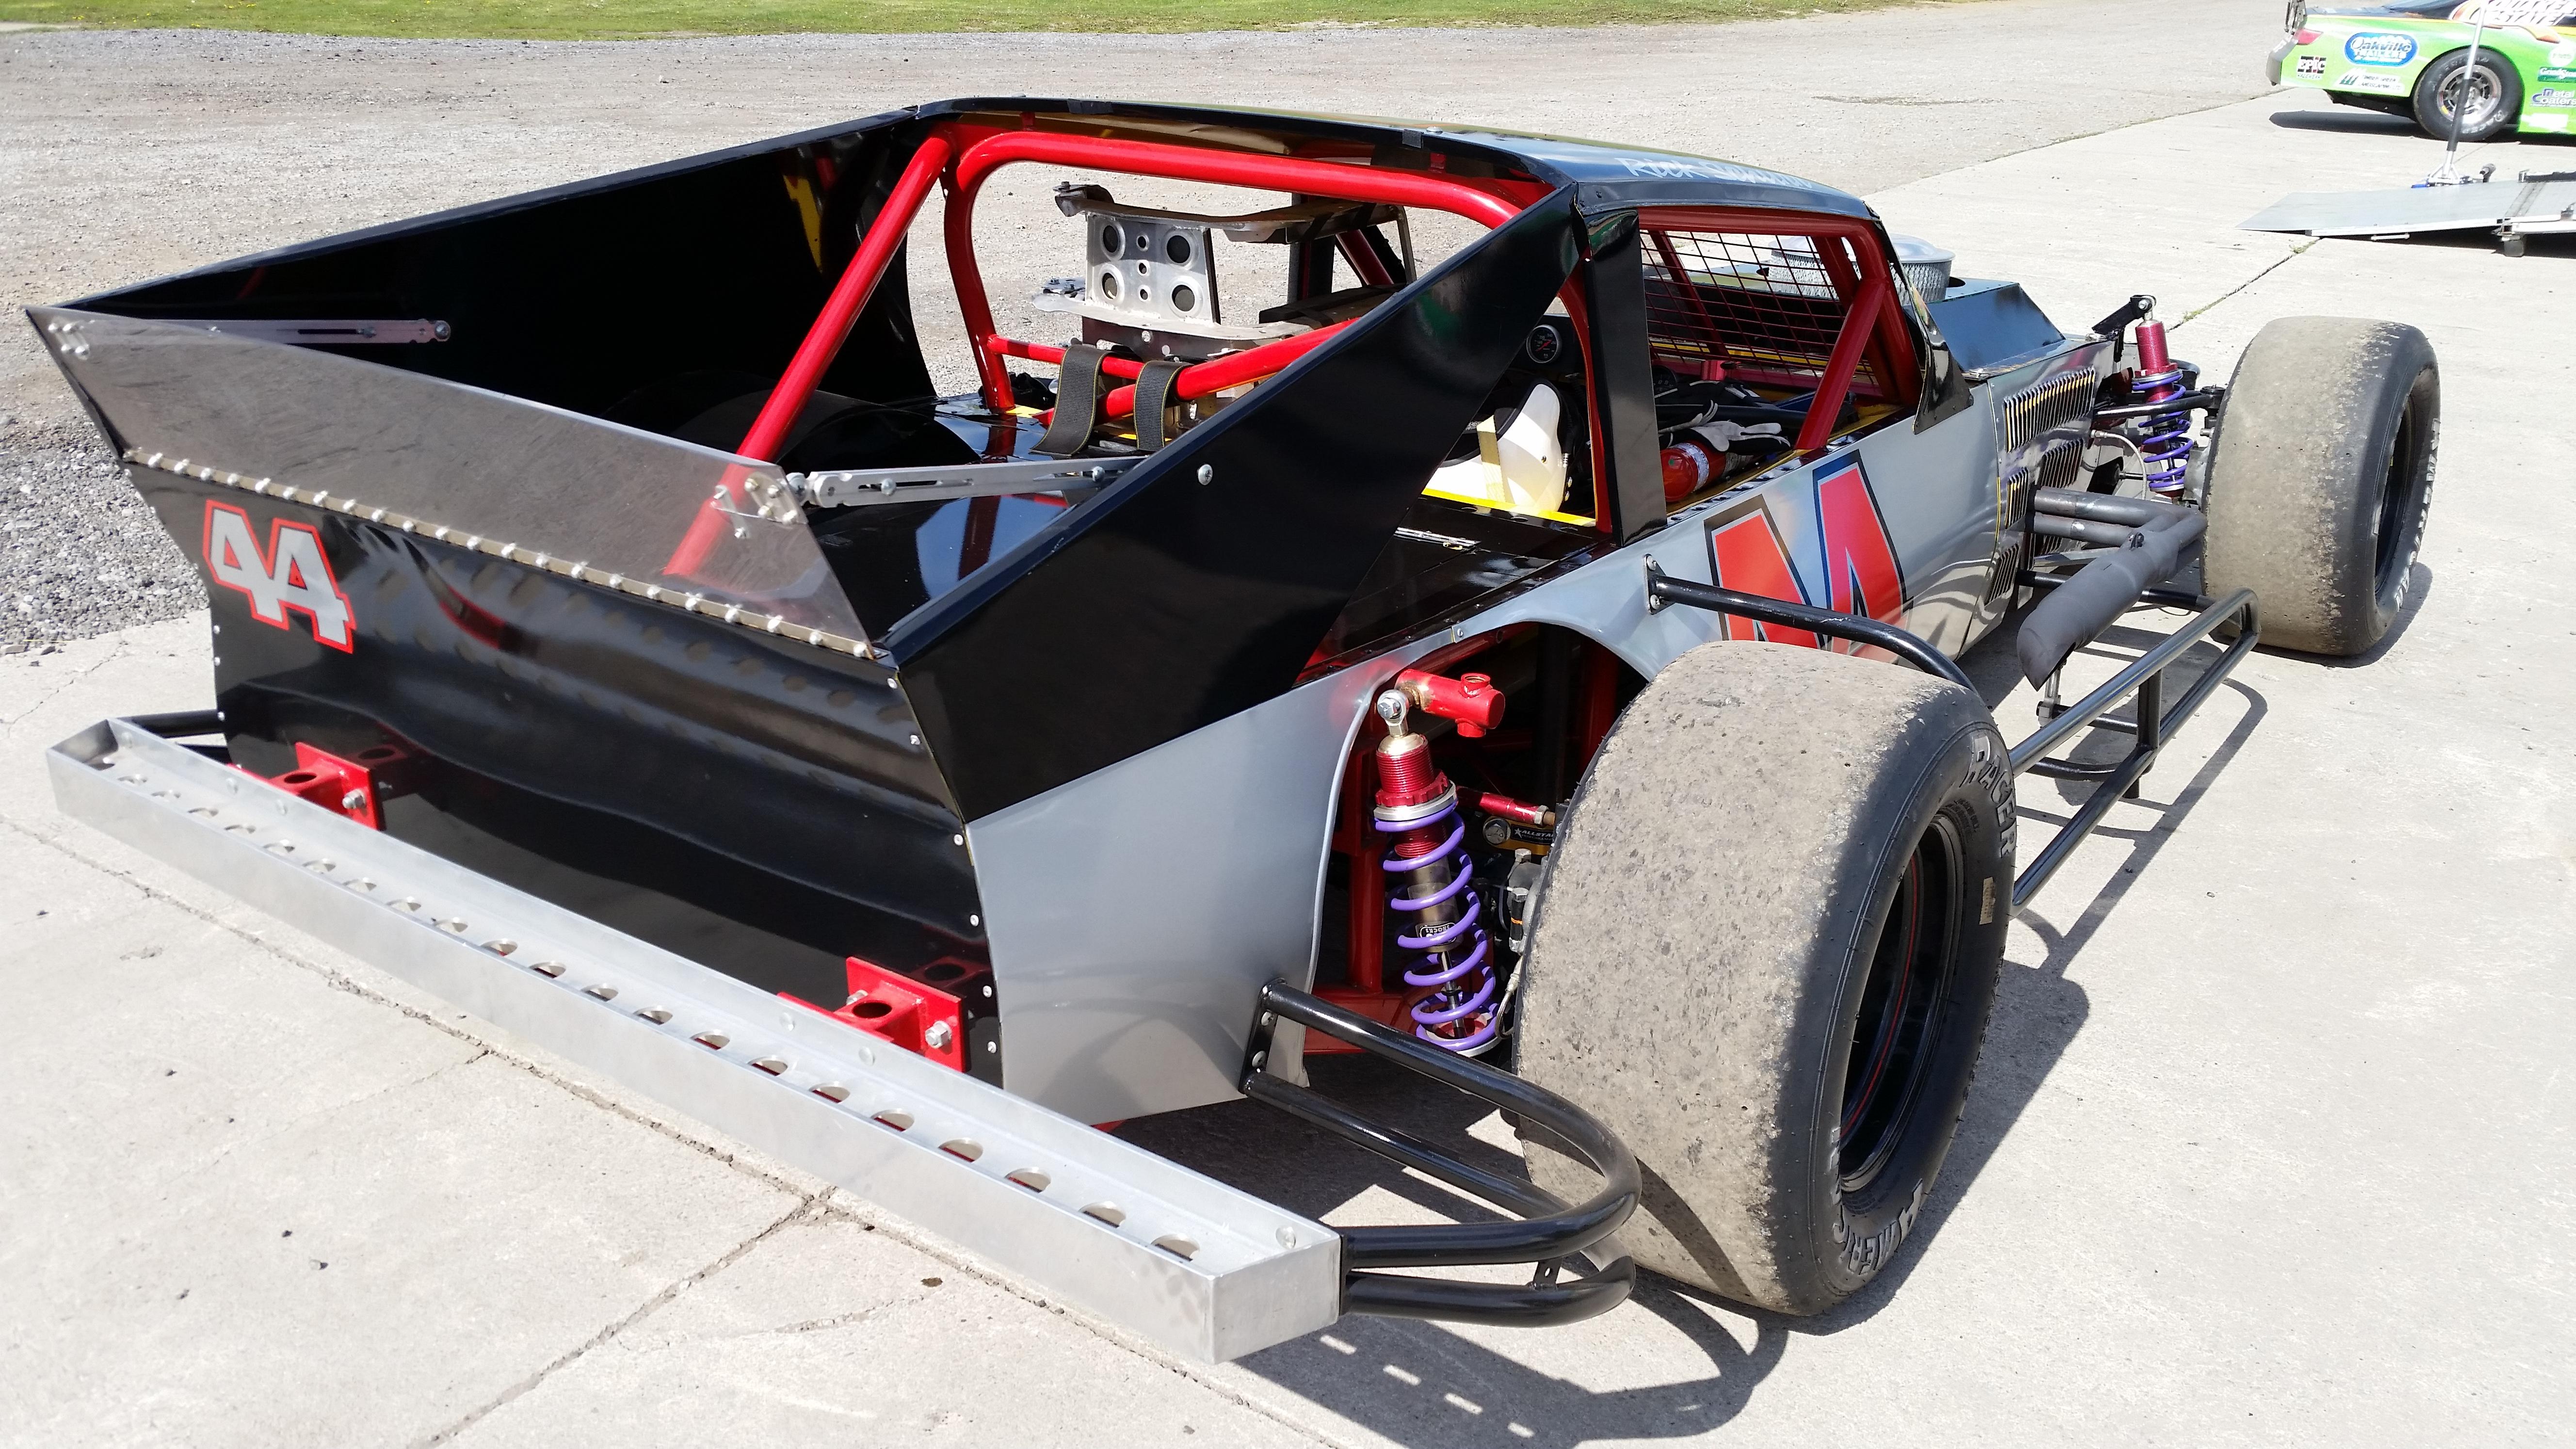 Asphalt Oval Racing Cars for Sale